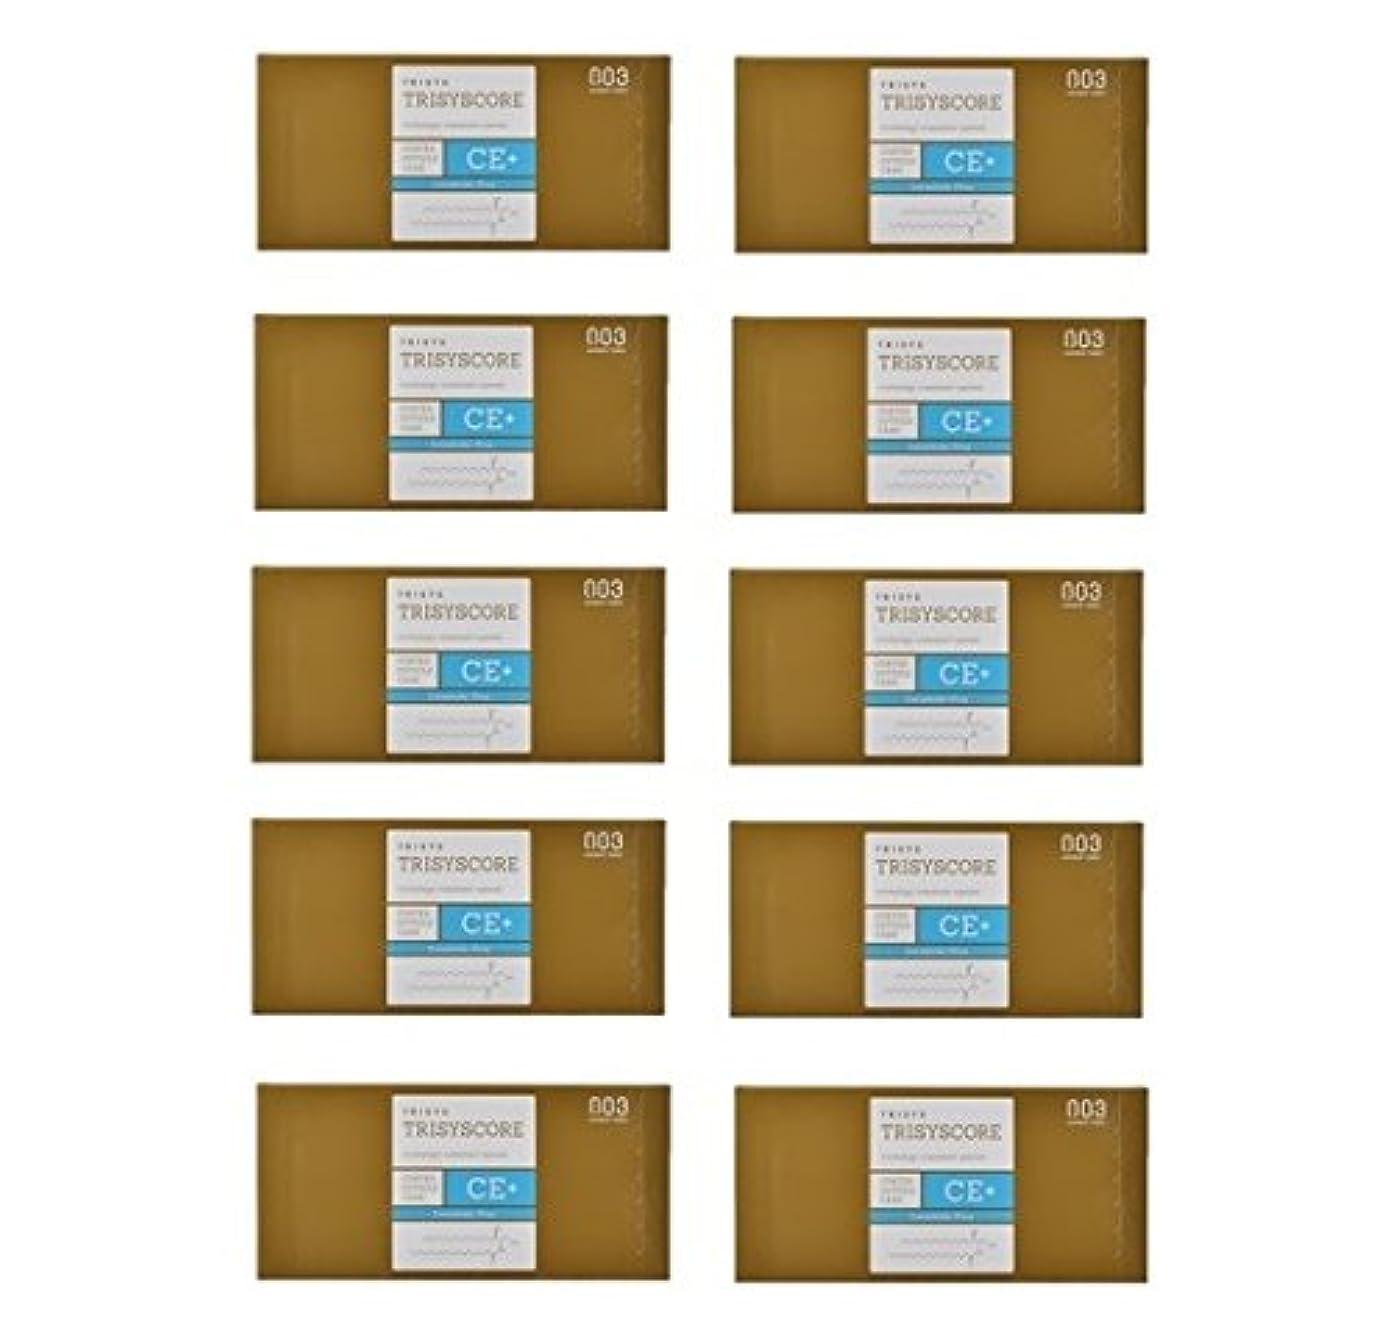 スイス人シーフード論理的【X10個セット】ナンバースリー トリシスコア CEプラス (ヘアトリートメント) 12g × 4包入り